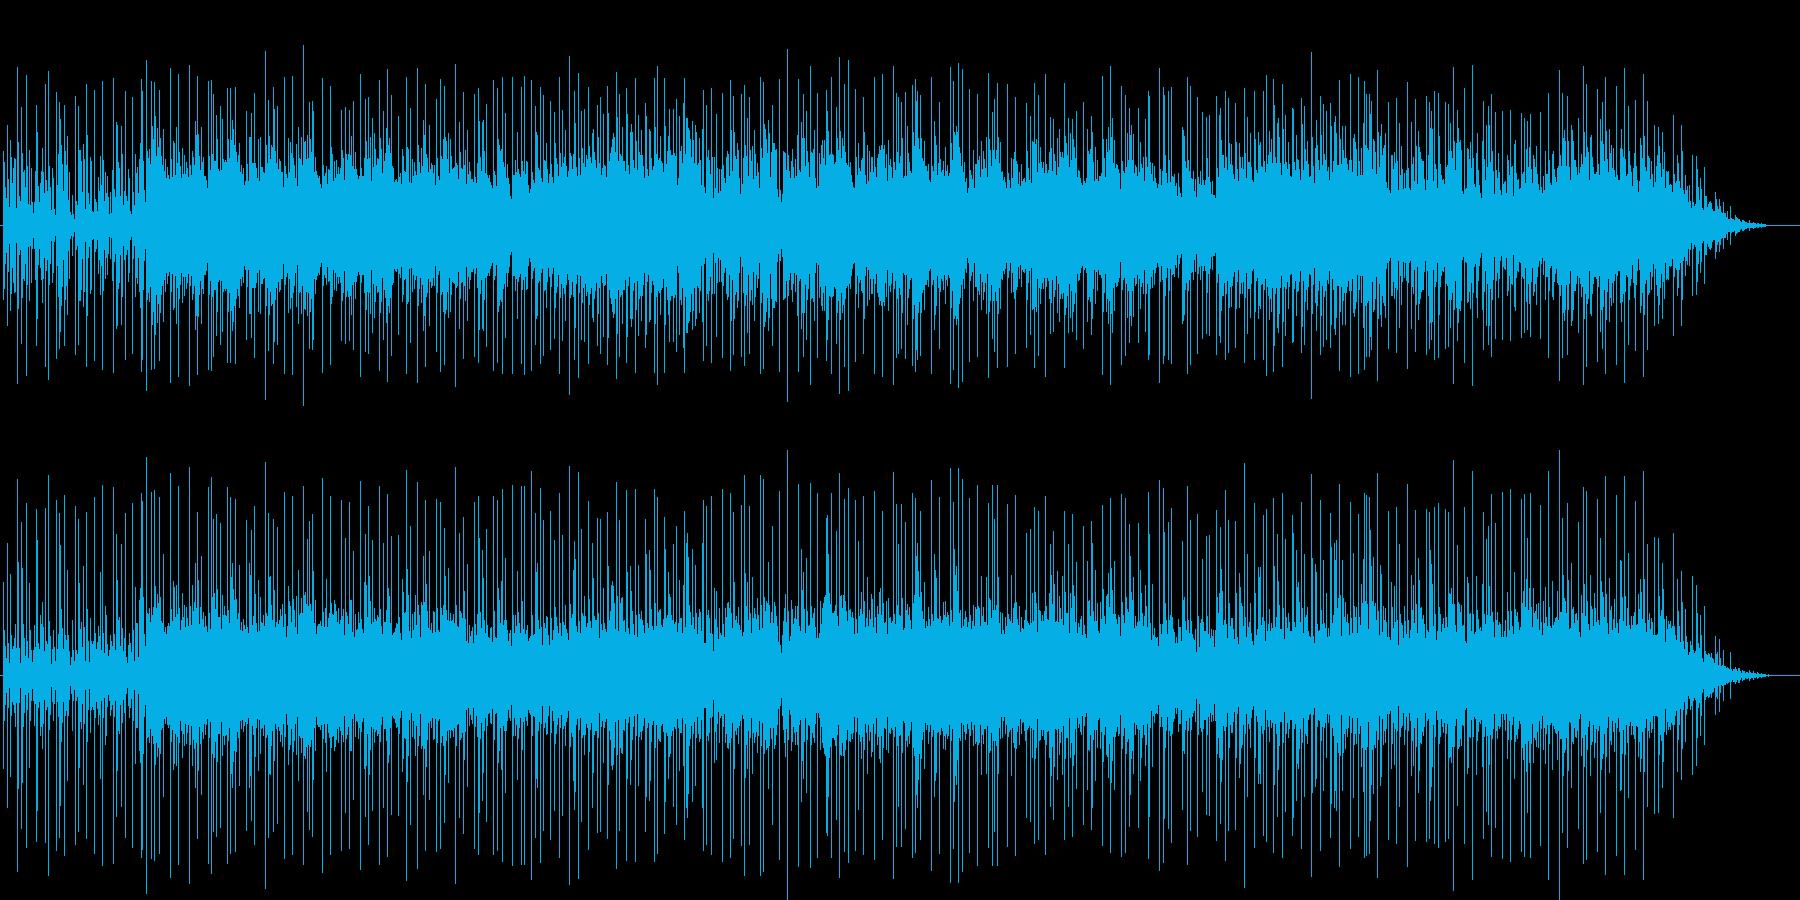 エレキギターがかっこいいクロスオーバーの再生済みの波形